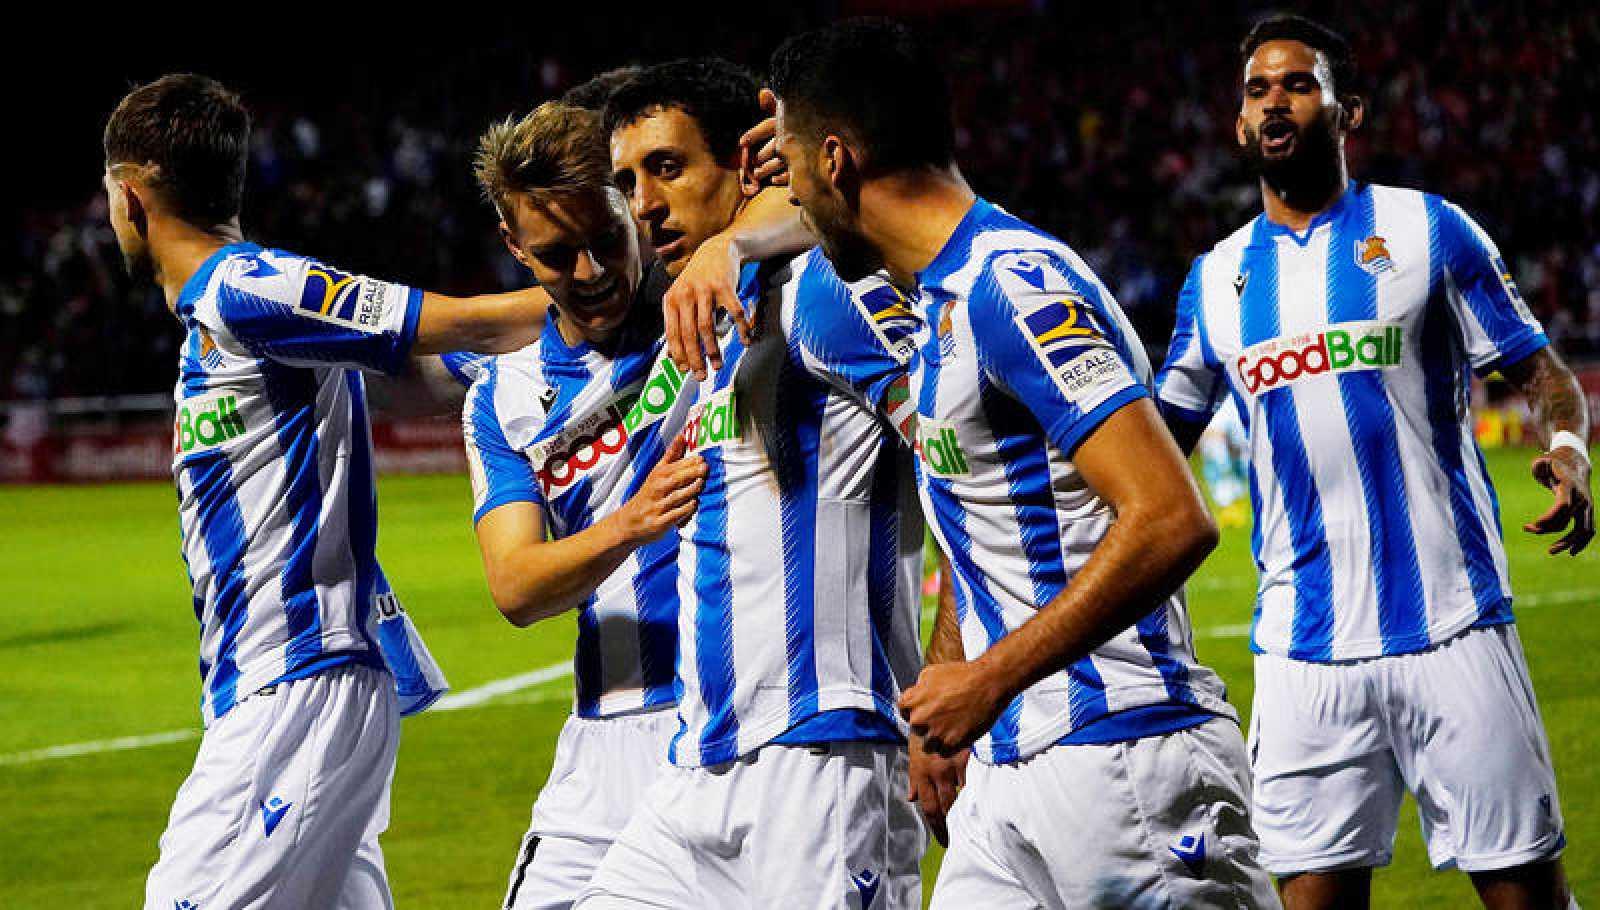 Los jugadores de la Real Sociedad celebran el gol de Oyarzabal al Mriandés.